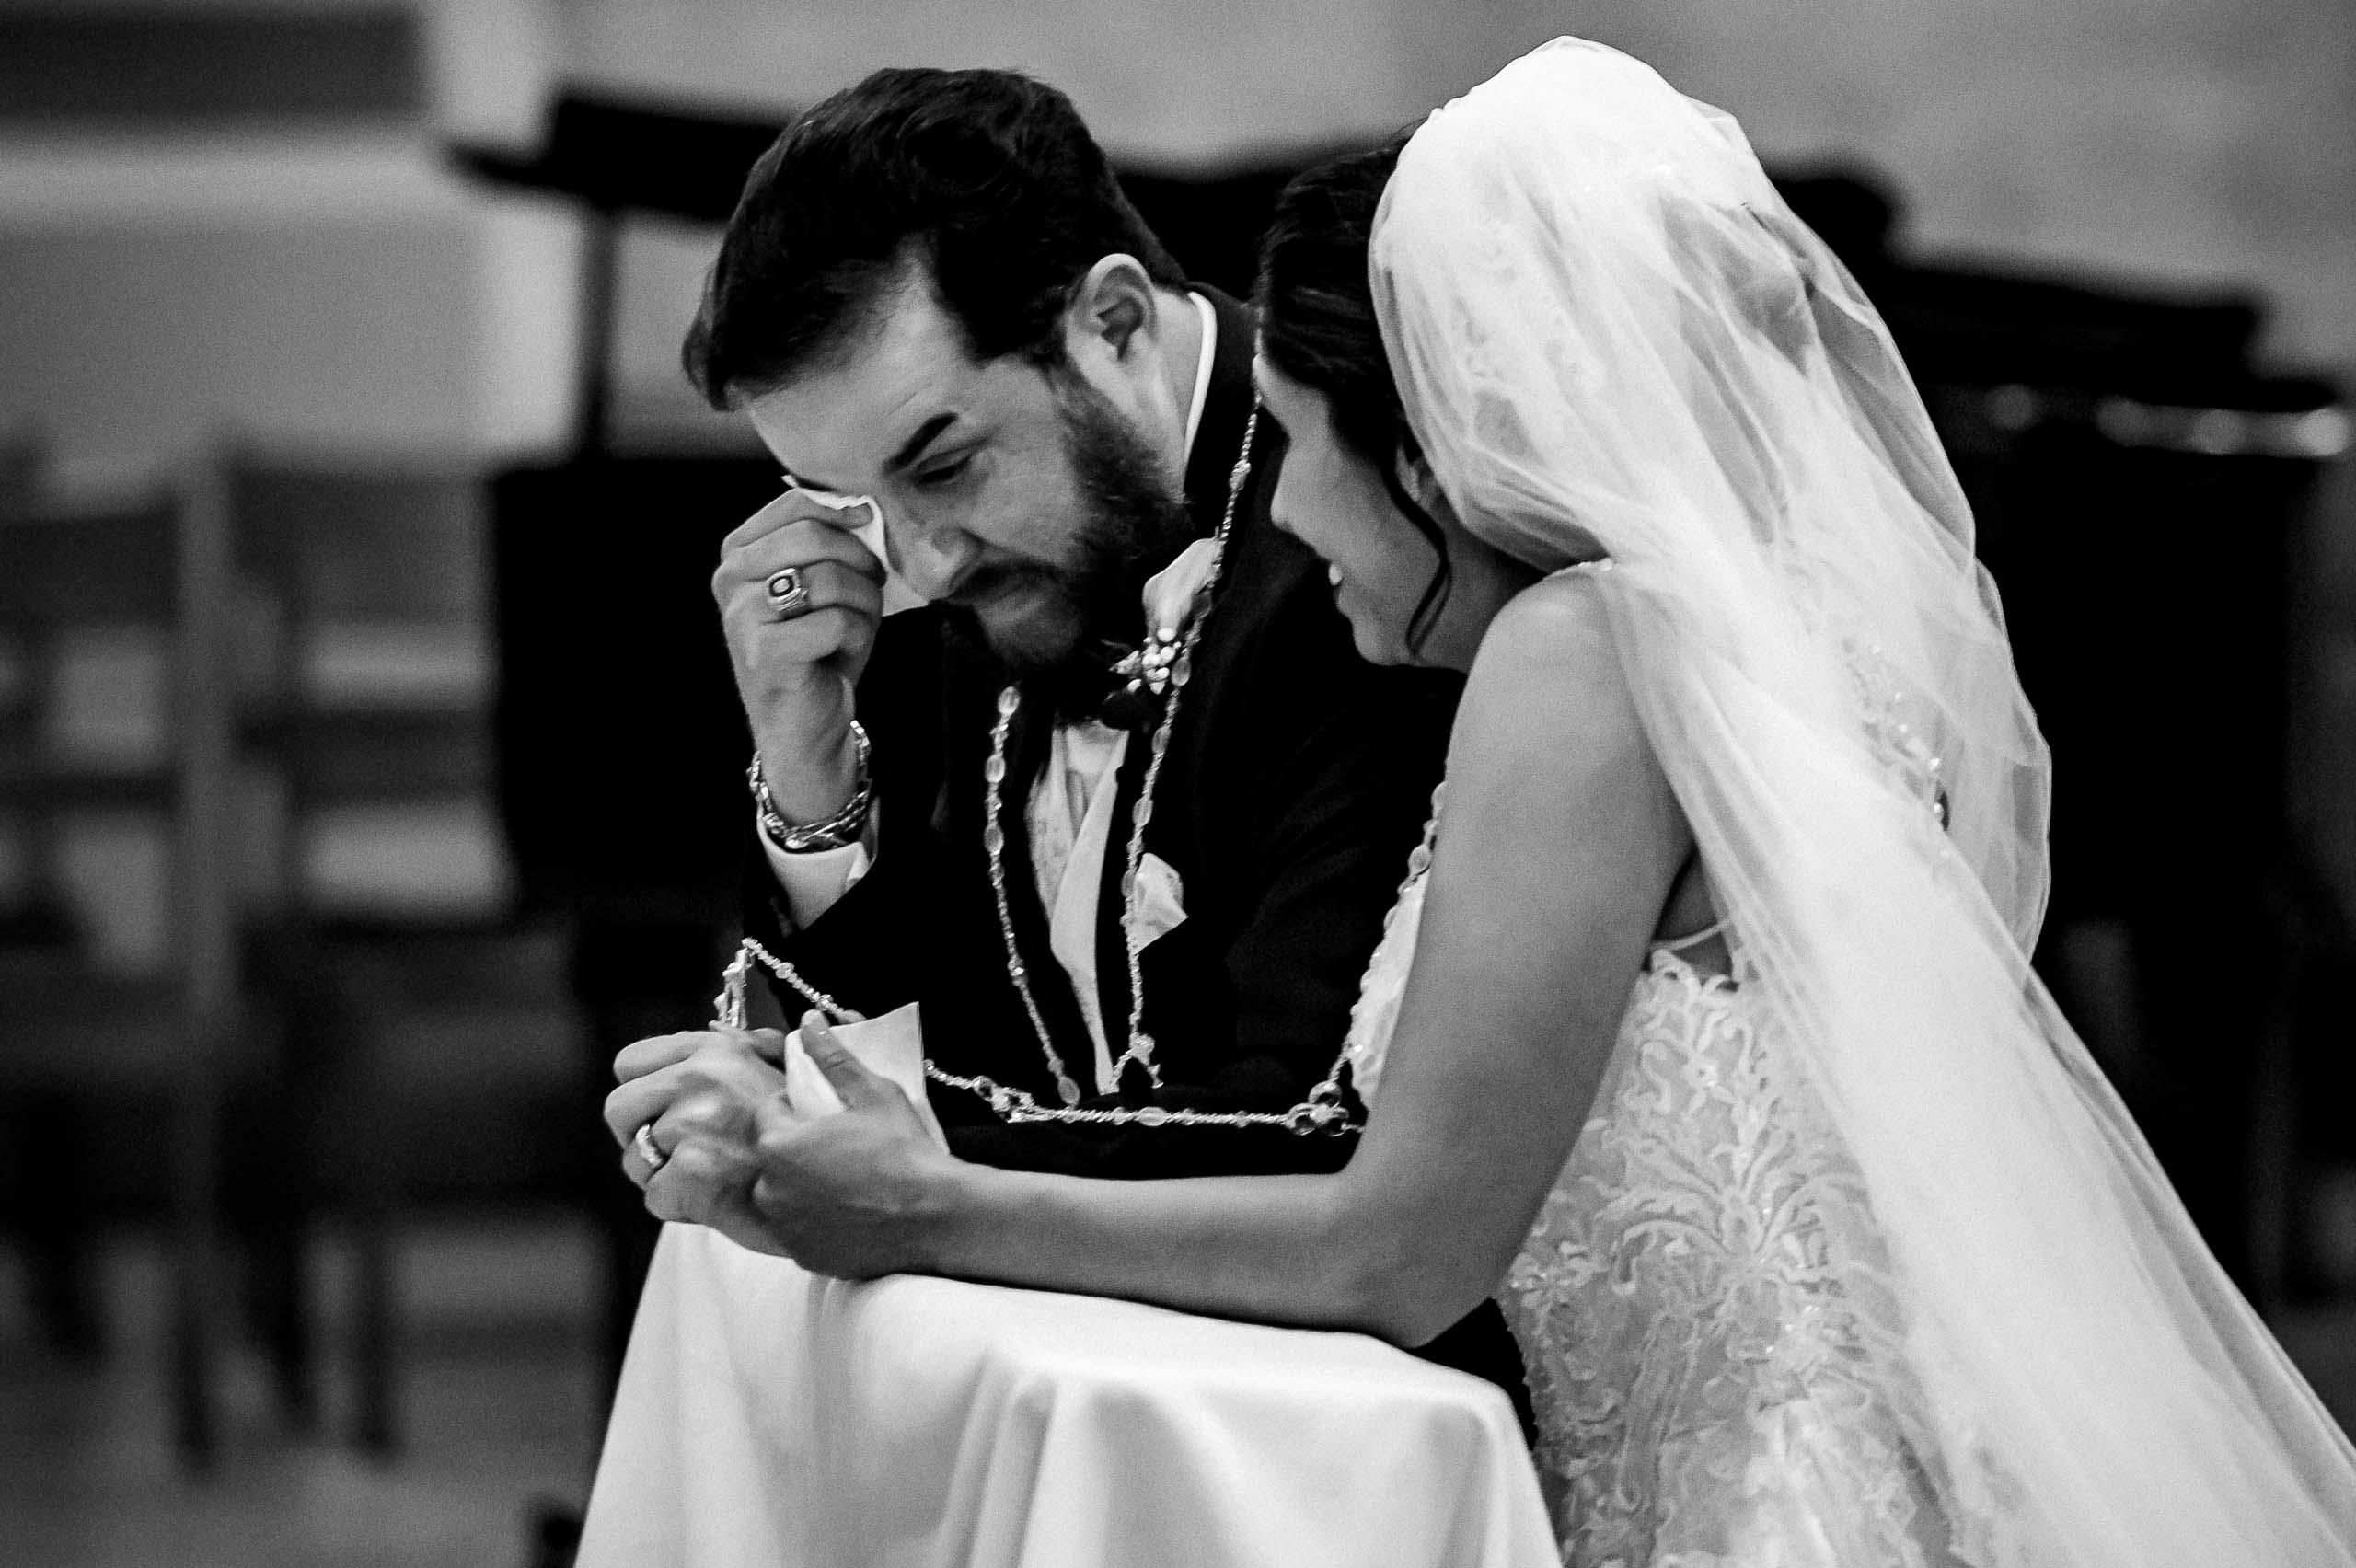 san-antonio-wedding-photographers-_4S15746-1